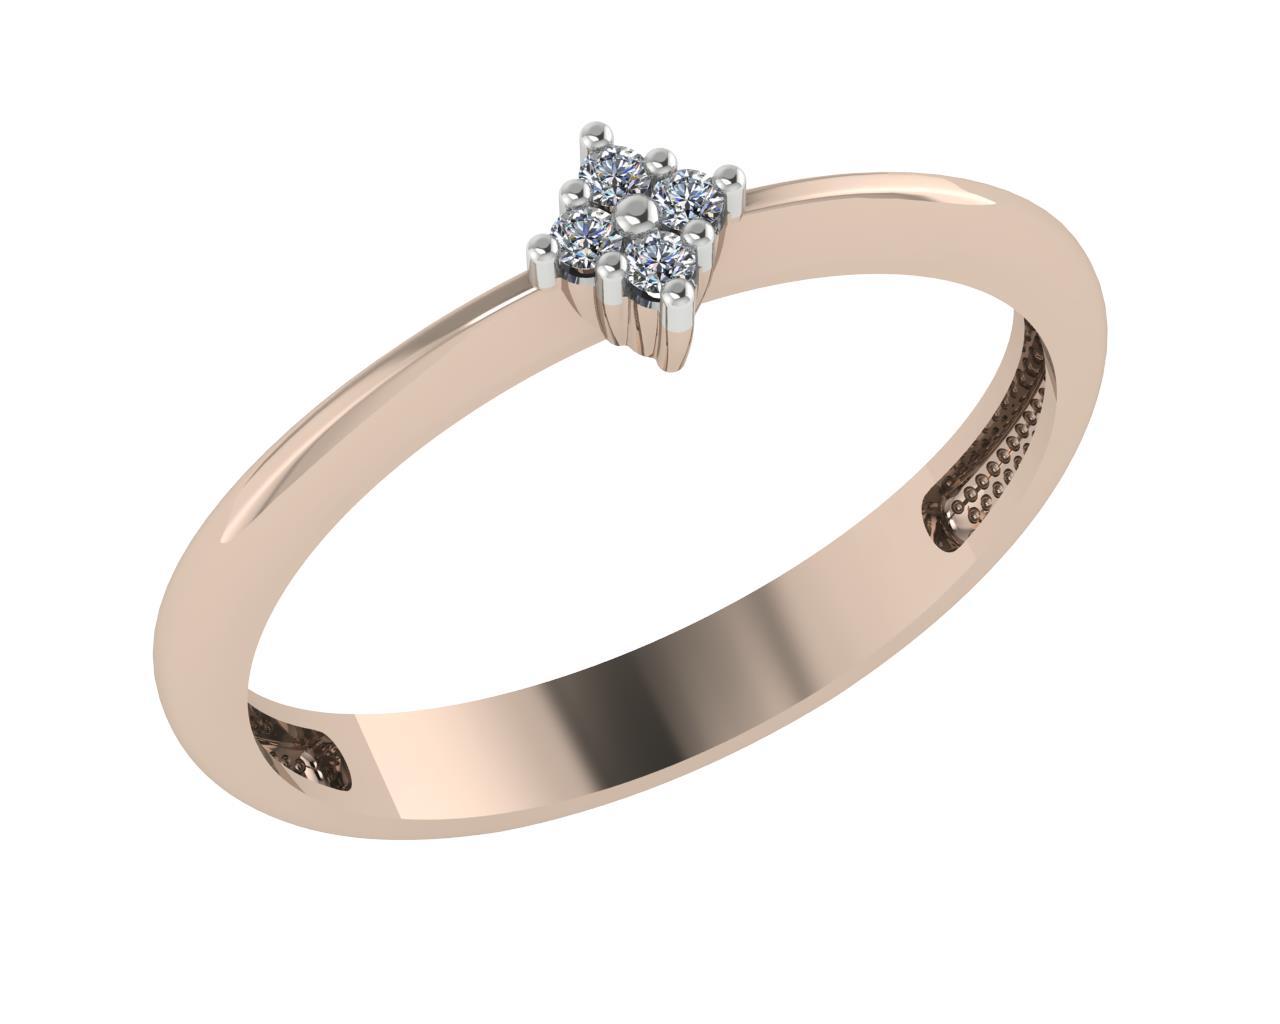 Золотое кольцо Фианит арт. 1026131-11210 1026131-11210